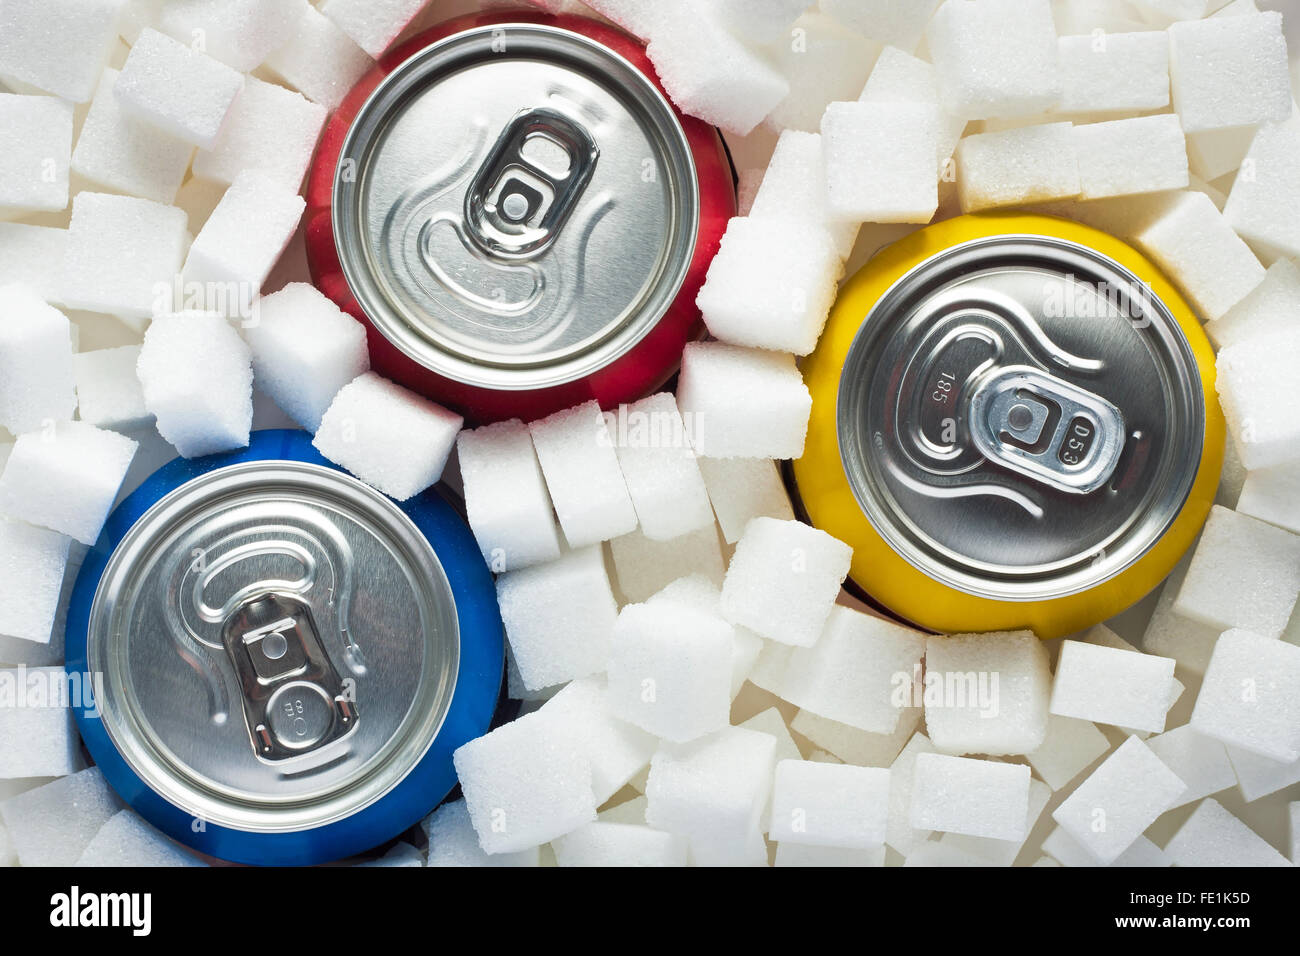 Concepto de alimentos insalubres - azúcar en bebidas carbonatadas. Cubos de azúcar como fondo y bebidas Imagen De Stock